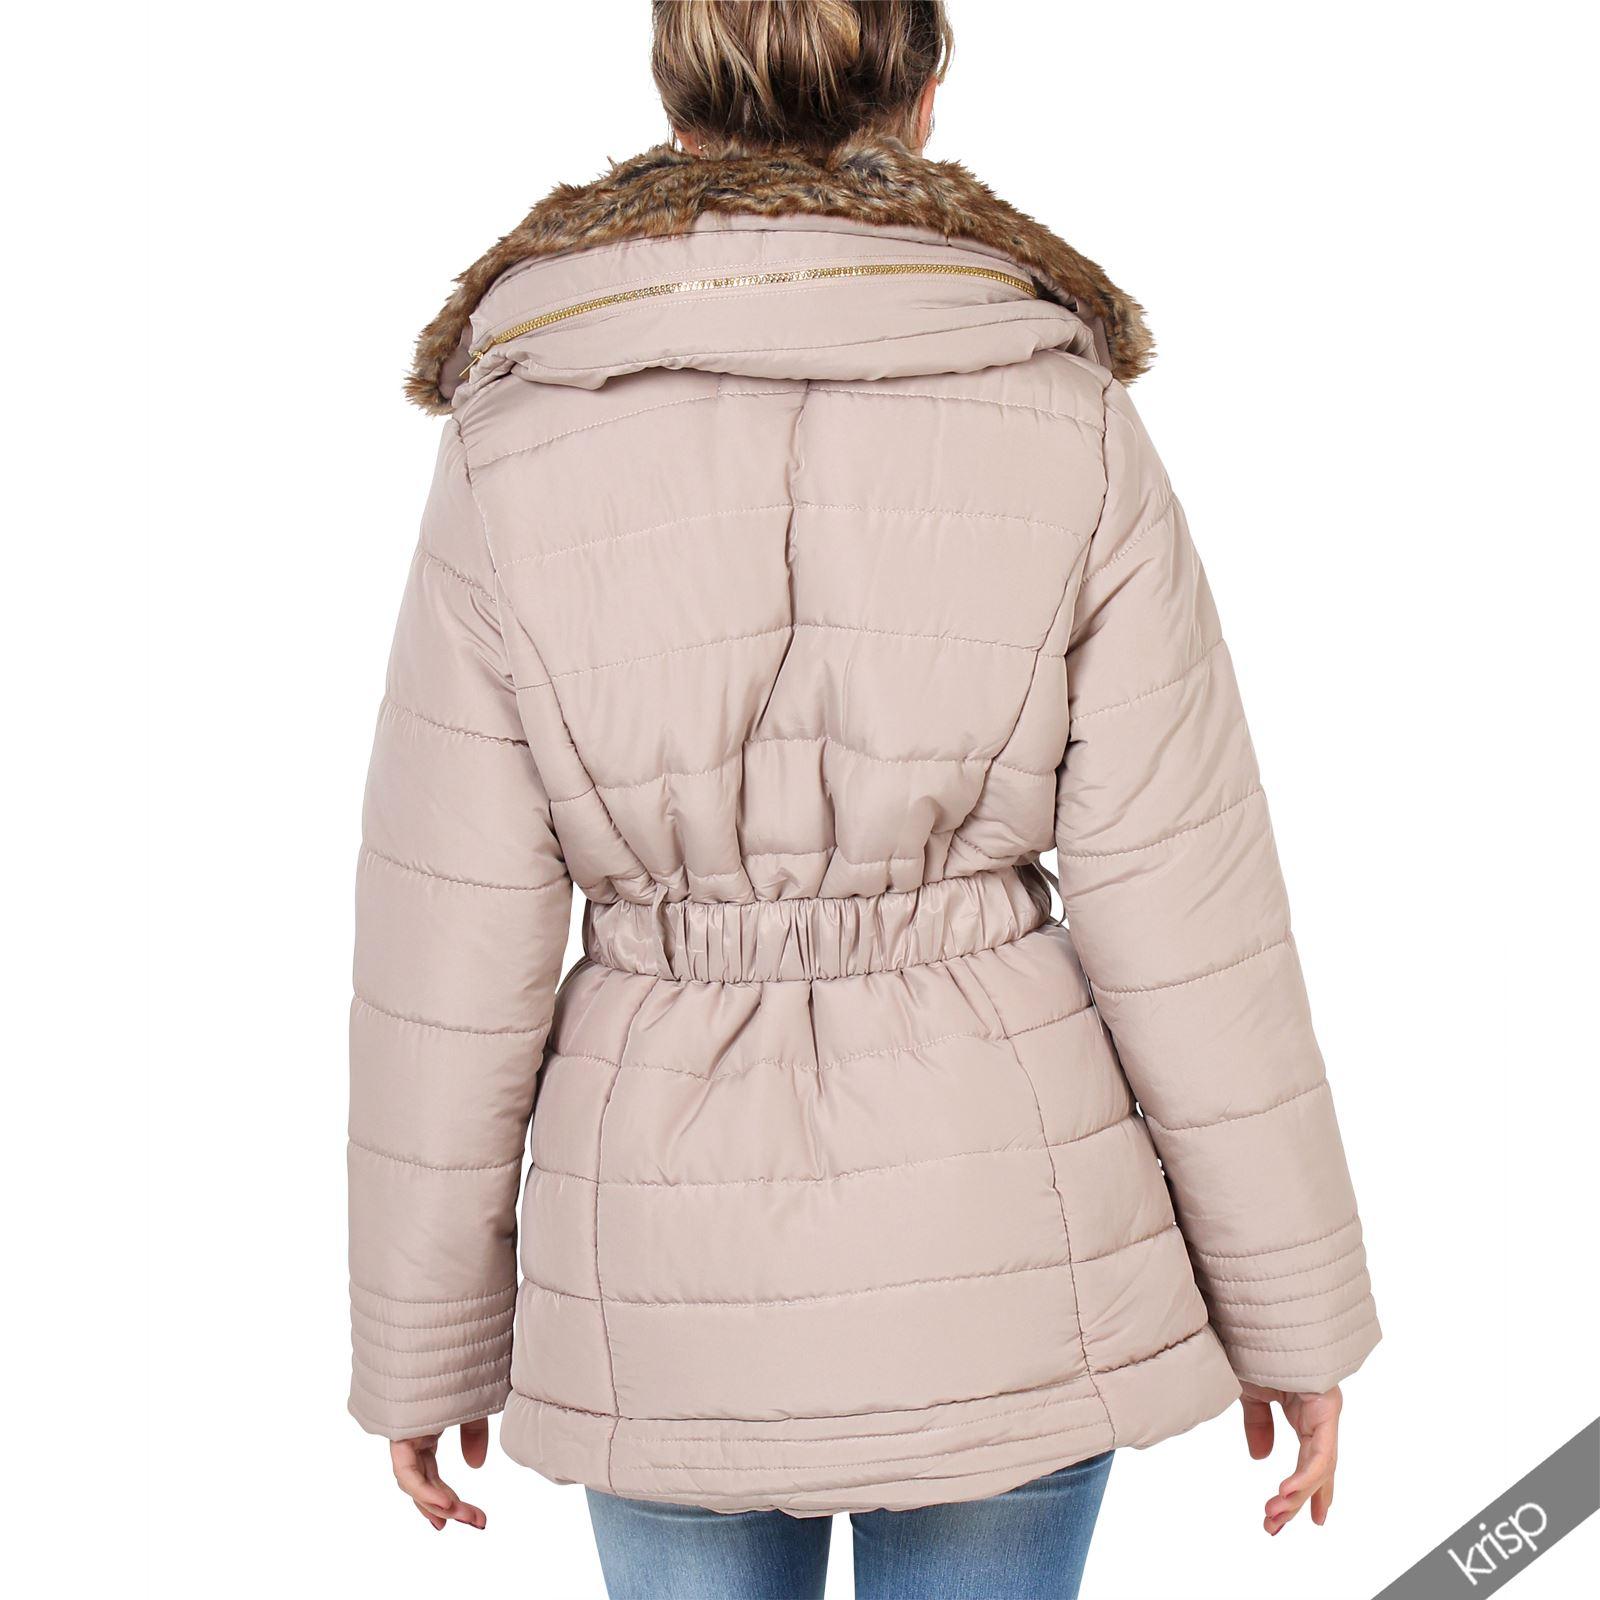 Womens puffa coat